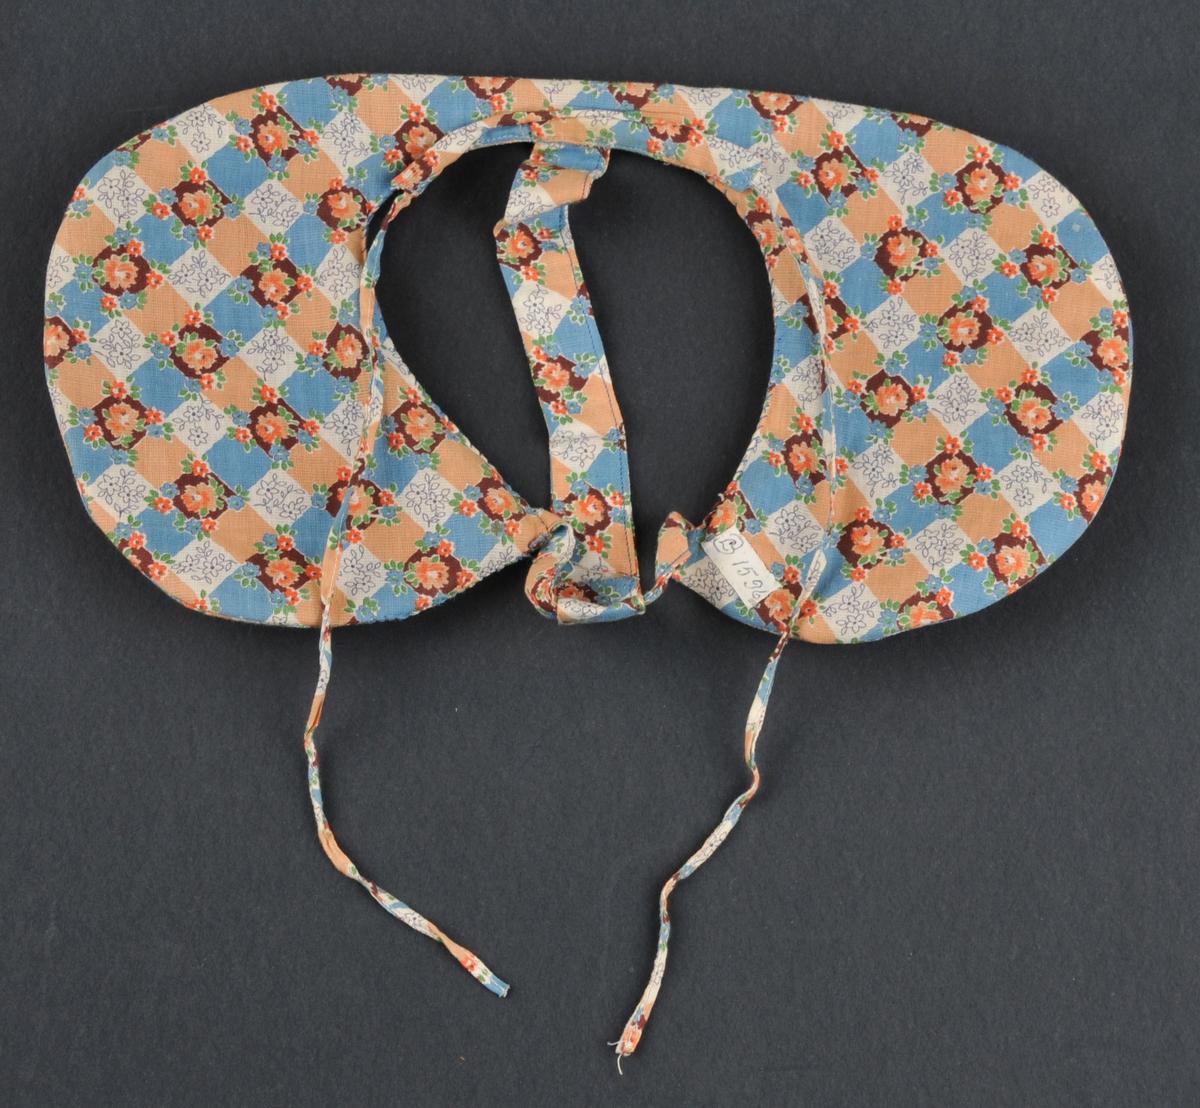 Rudd med innlegg (som truleg er av hattefilt eller papp). Form som eit brudelad, trekt med mønstra bomullstøy. Stiva opp med ståltråd rundt kantane. Påsett eit band for støtte oppå hovudet og eit band ved nakken. To smale band for binding i nakken. Bruka til å ha under skautet.